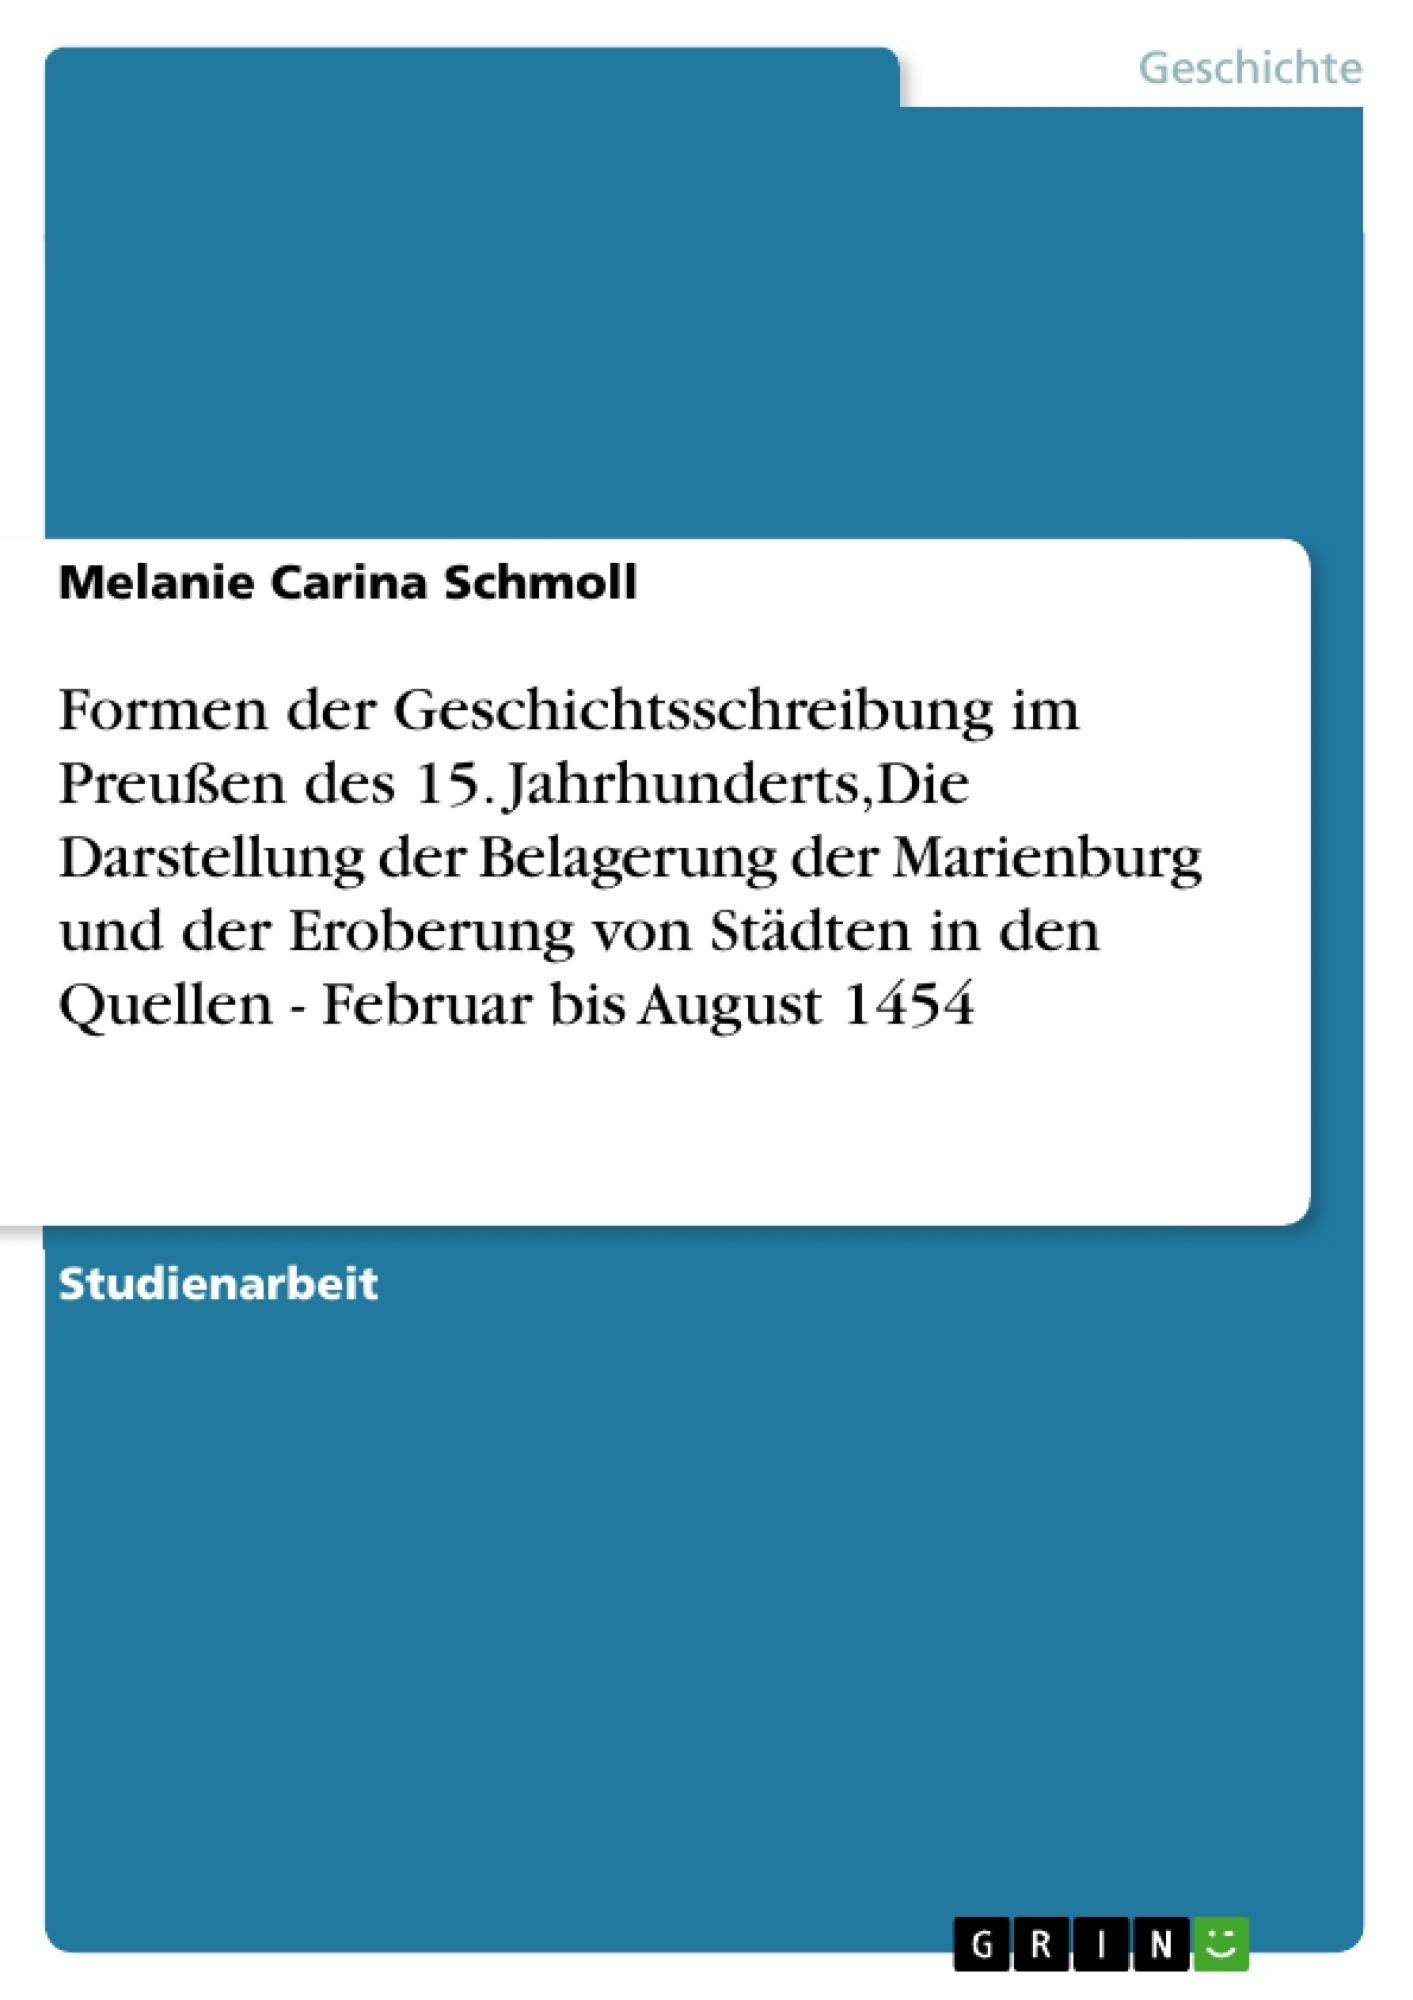 Titel: Formen der Geschichtsschreibung im Preußen des 15. Jahrhunderts,Die Darstellung der Belagerung der Marienburg und der Eroberung von Städten in den Quellen - Februar bis August 1454